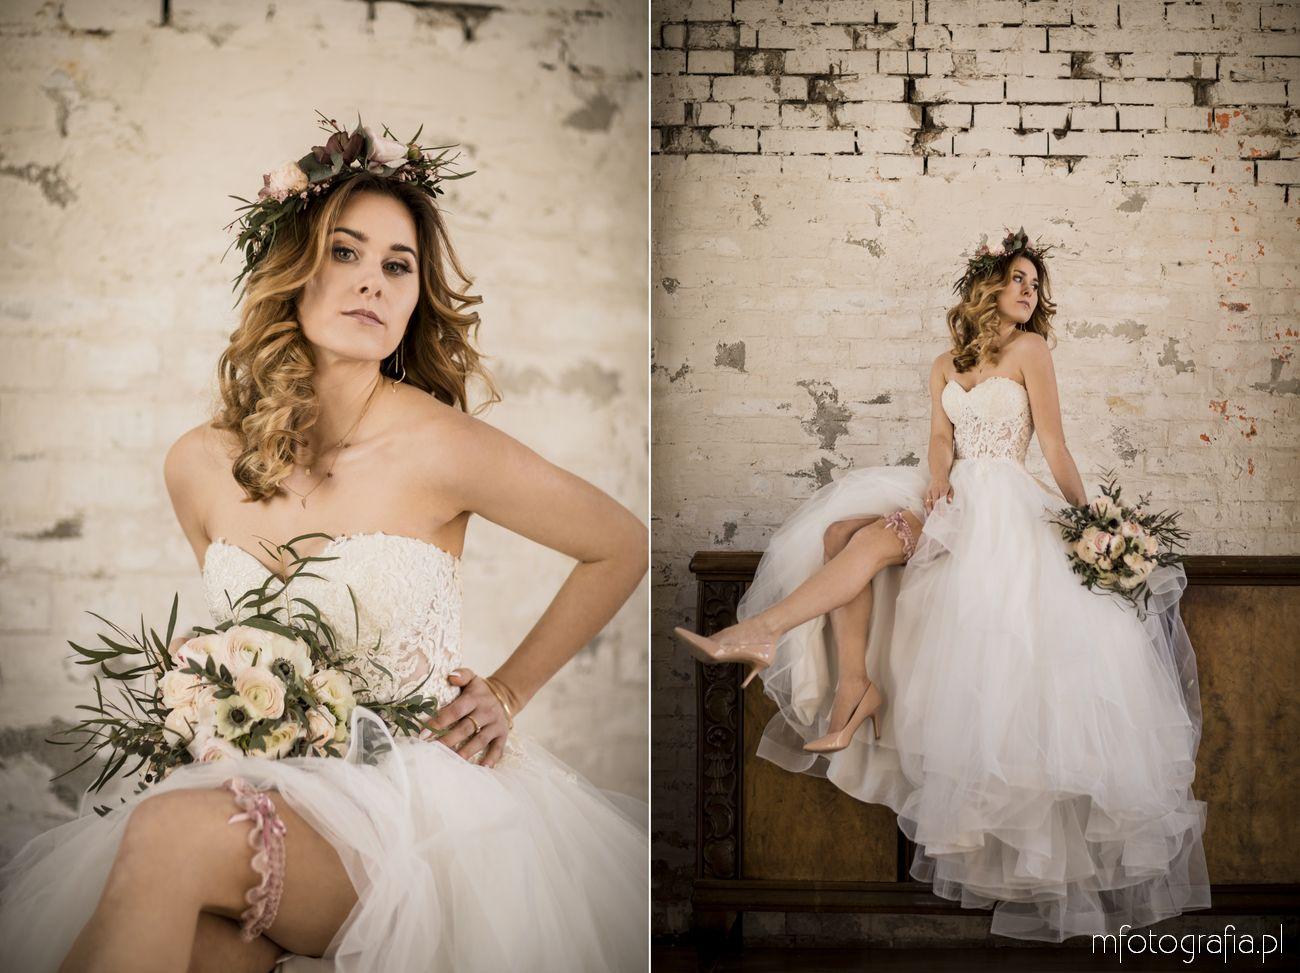 Romantyczny portret ślubny Panny Młodej w sukni księżniczce